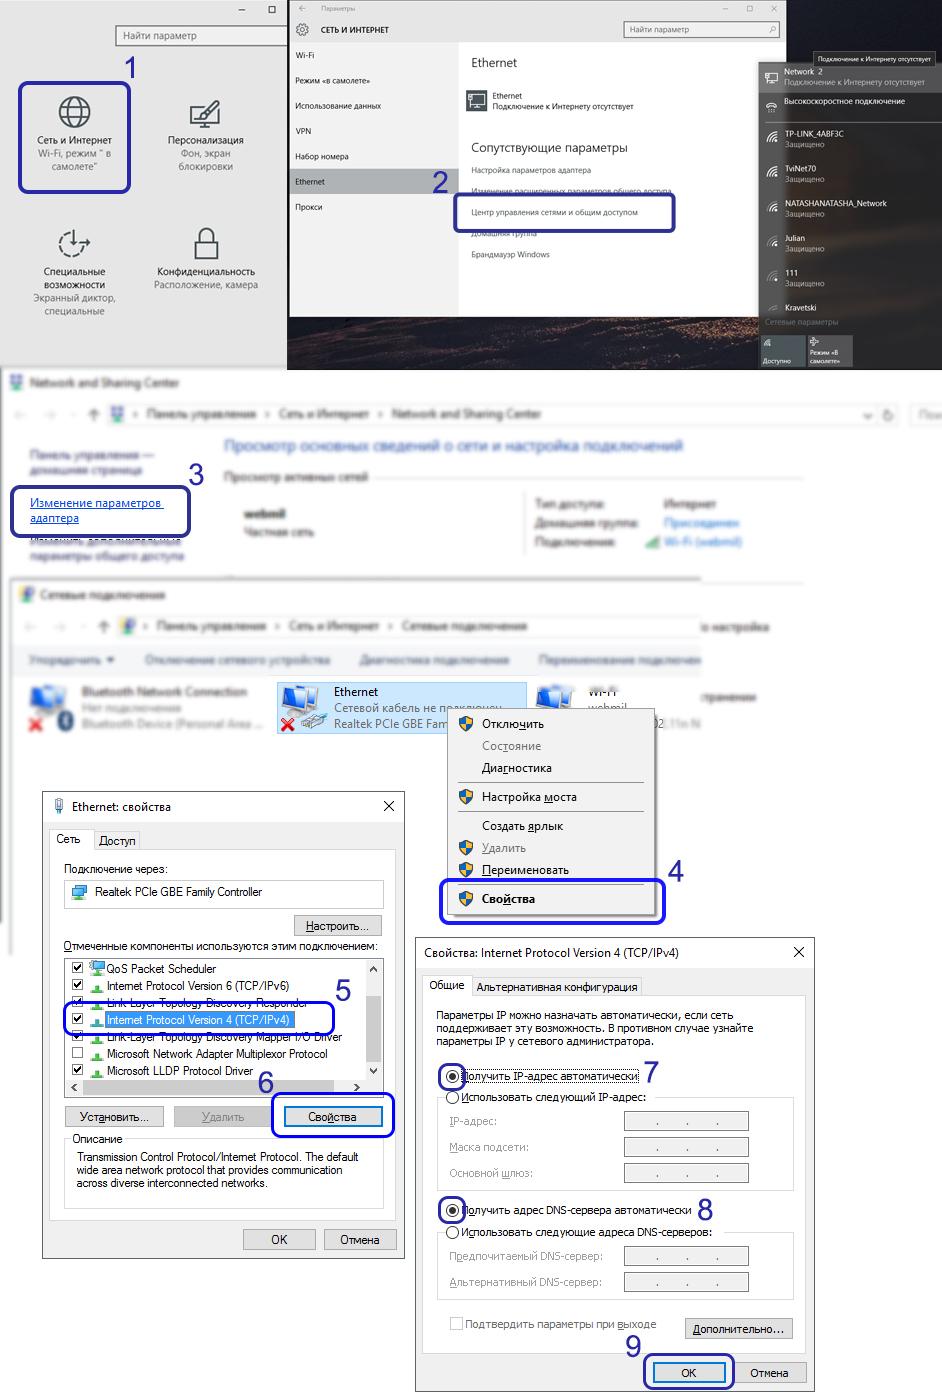 Interneti dizüstü bilgisayardan WiFi aracılığıyla dağıtma: her şey kolay